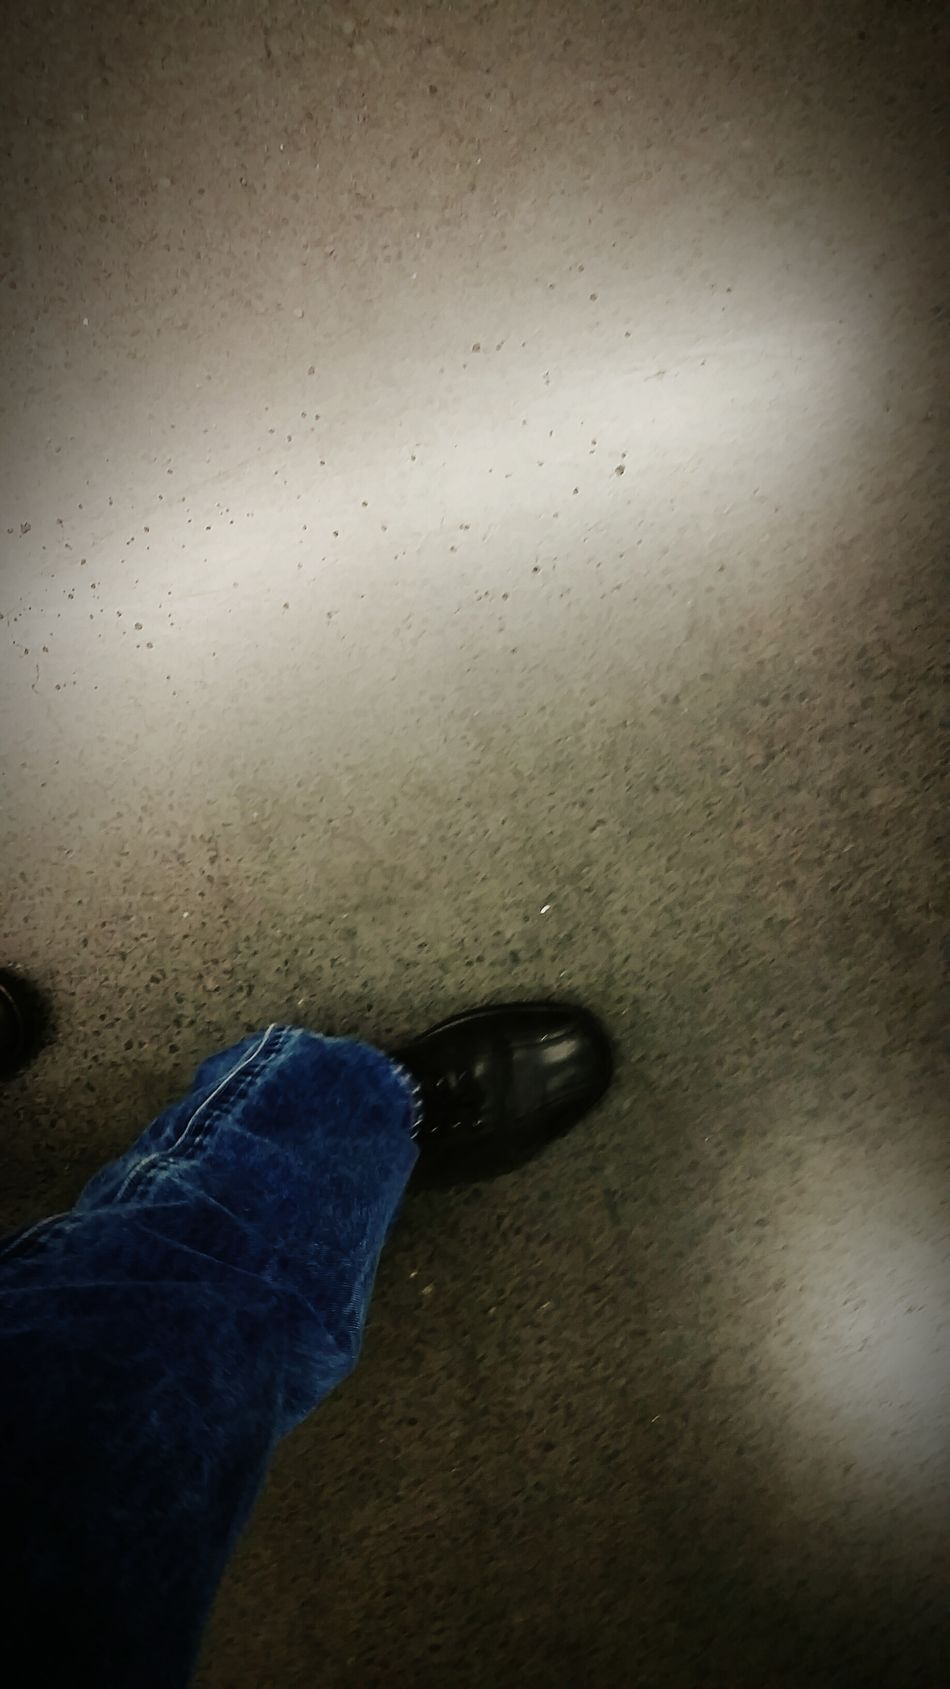 Shoes Jeans Schuhe  Schritte Steps Nacht Night Boden Ground